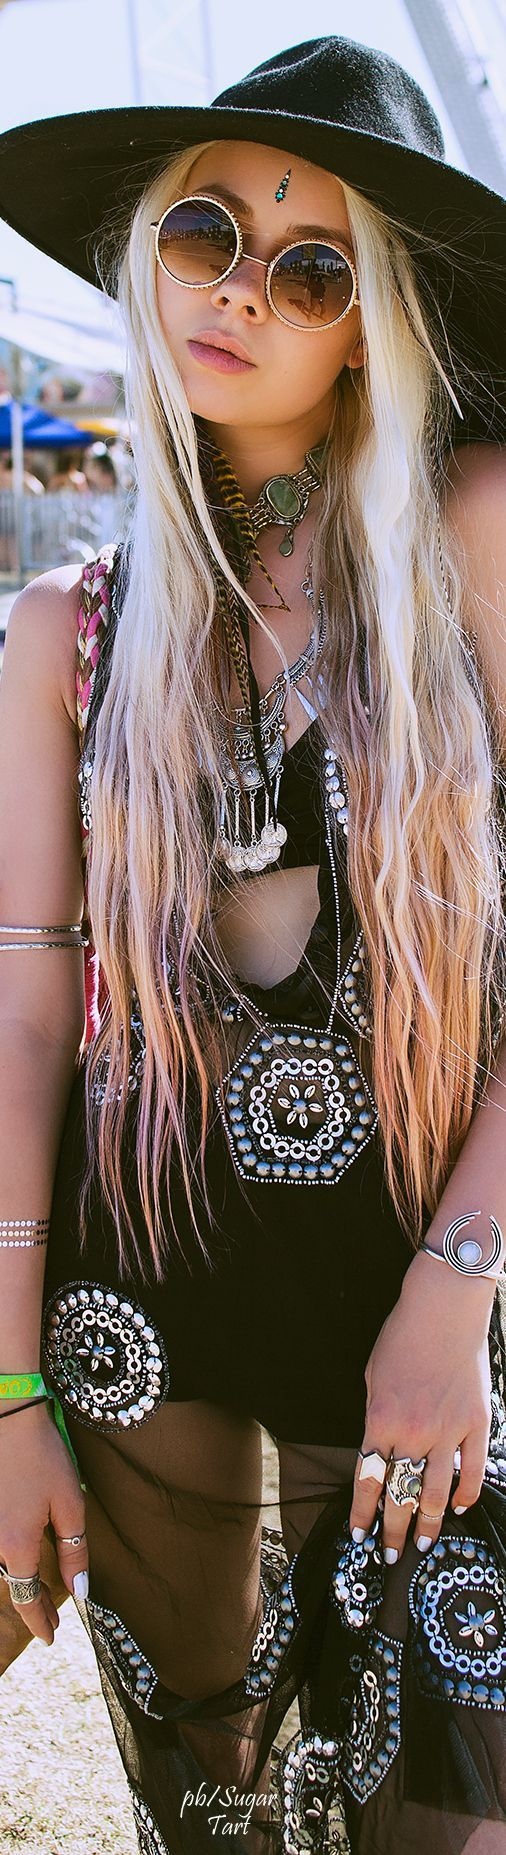 ≫∙∙☮ Bohème Babe ☮∙∙≪• ❤️ Babz™ ✿ιиѕριяαтισи❀ abbigliamento #bohojewelry #boho #Coachella